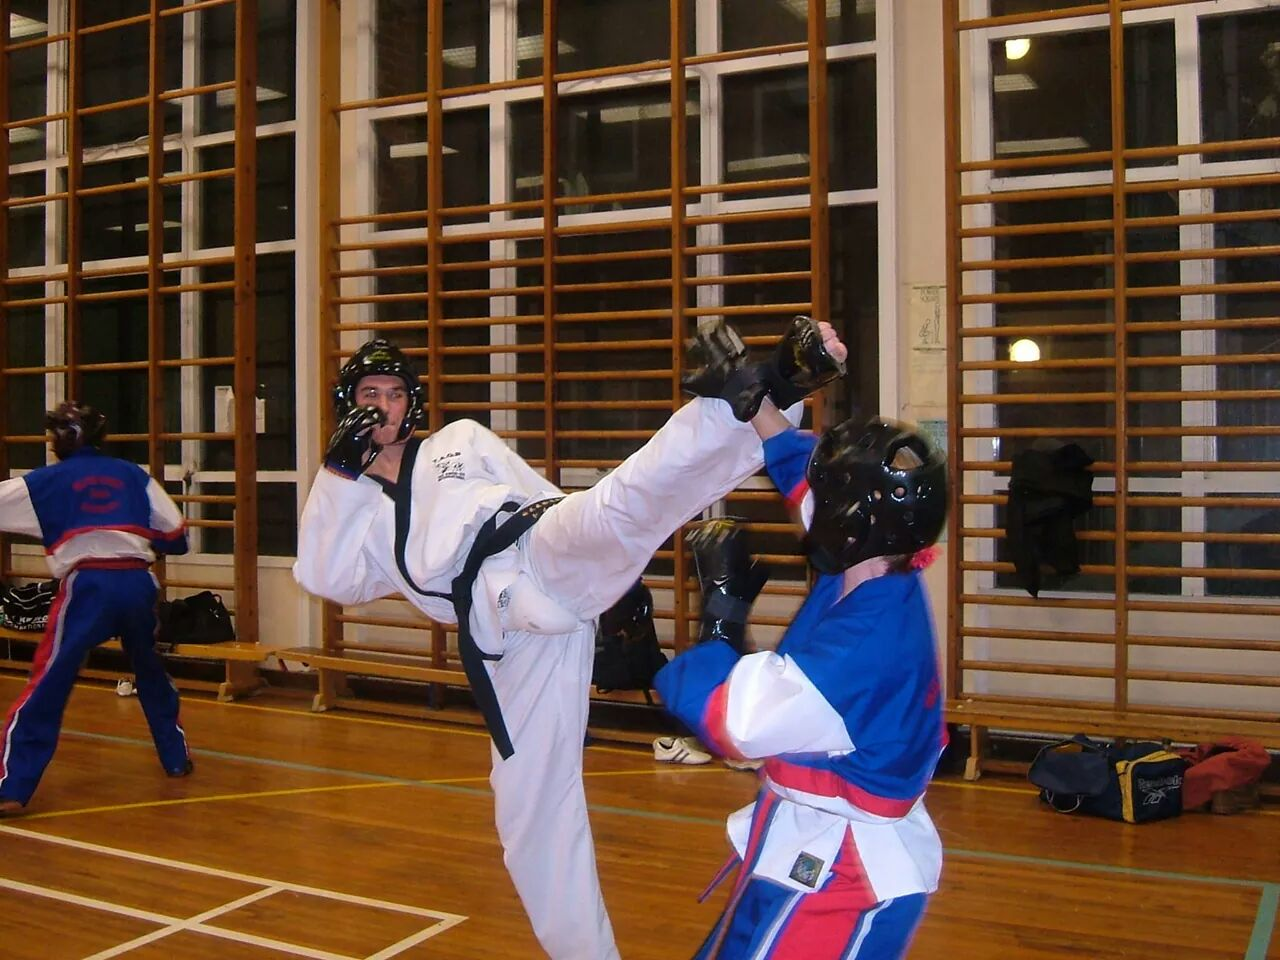 Jwalford kicking.jpg